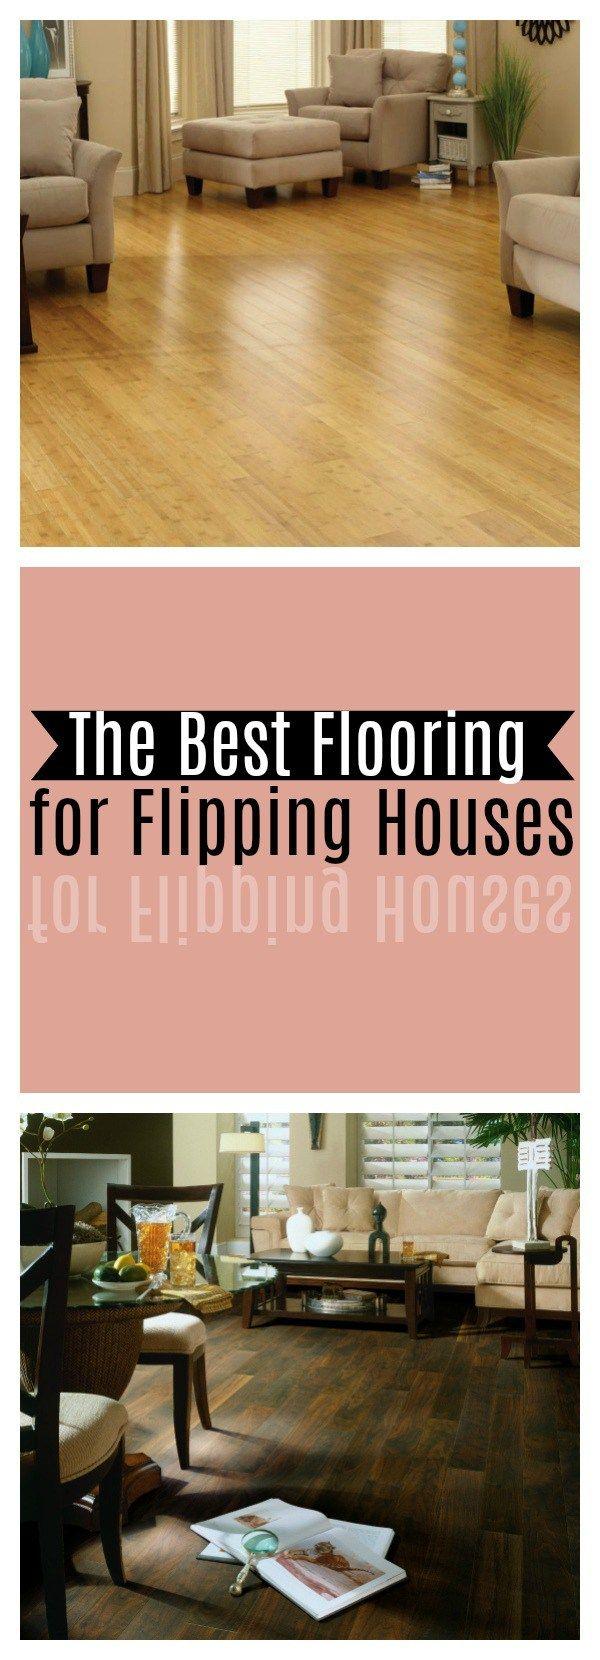 The Best Flooring for Flipping Houses Flooring Inc